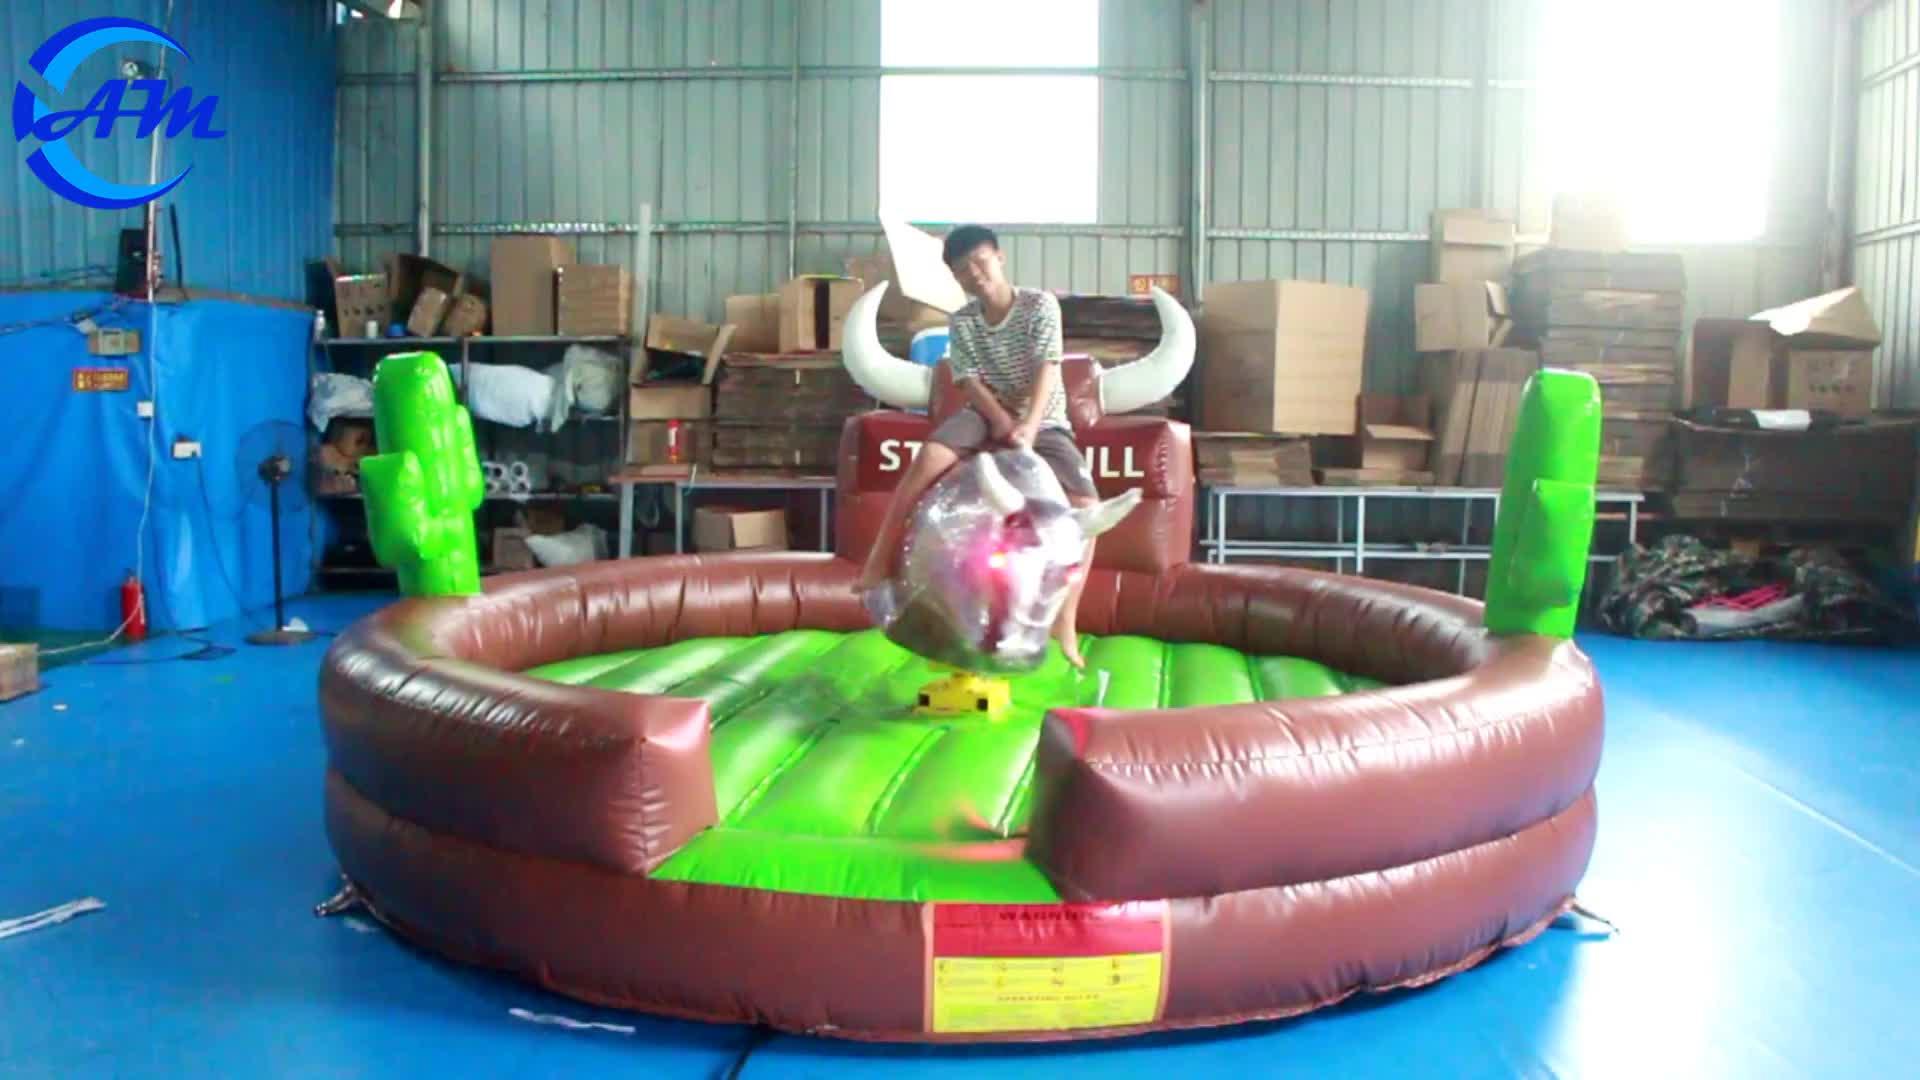 Touro mecânico inflável incrível preço competitivo para venda